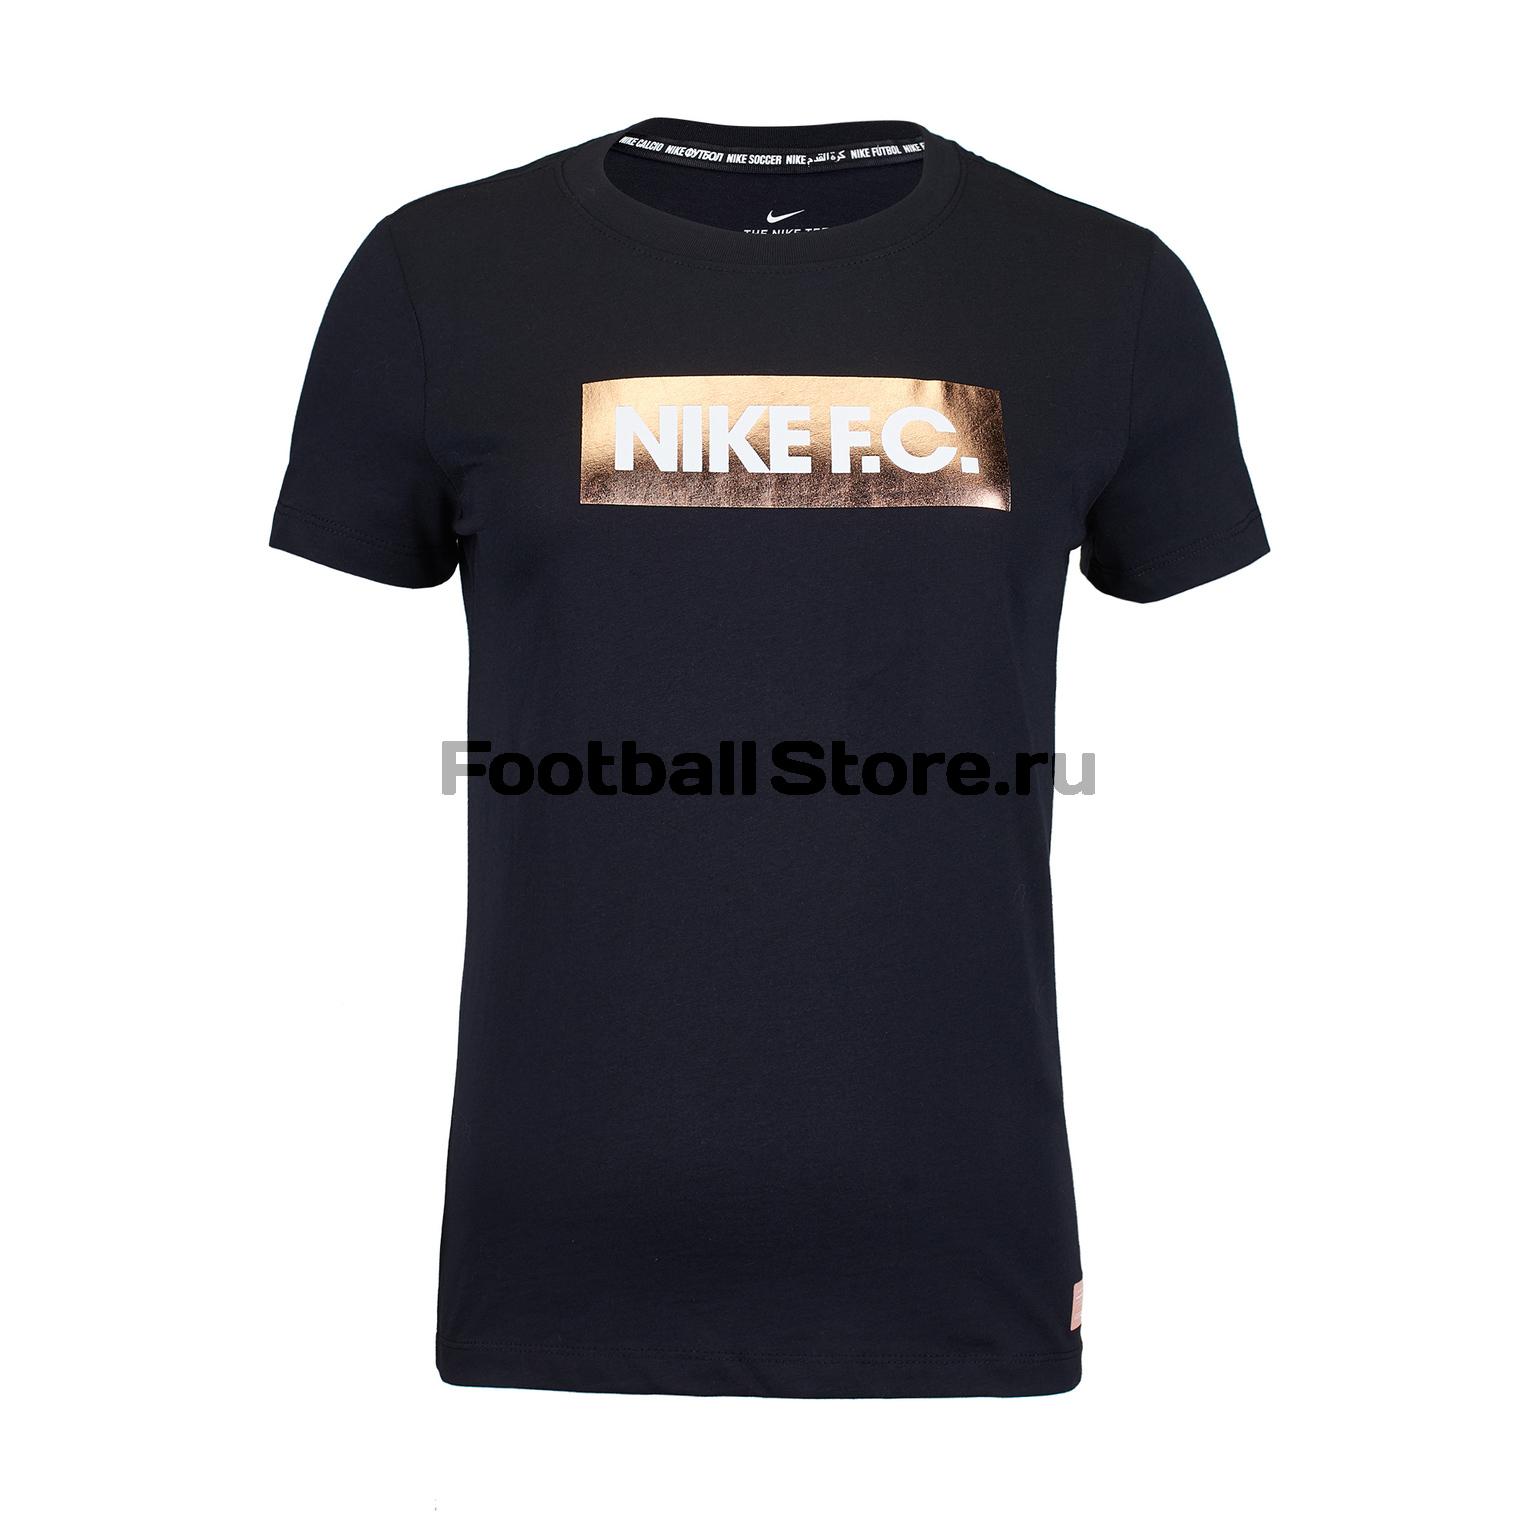 цена на Футболка хлопковая женская Nike F.C. Tee Block Logo BV7097-010